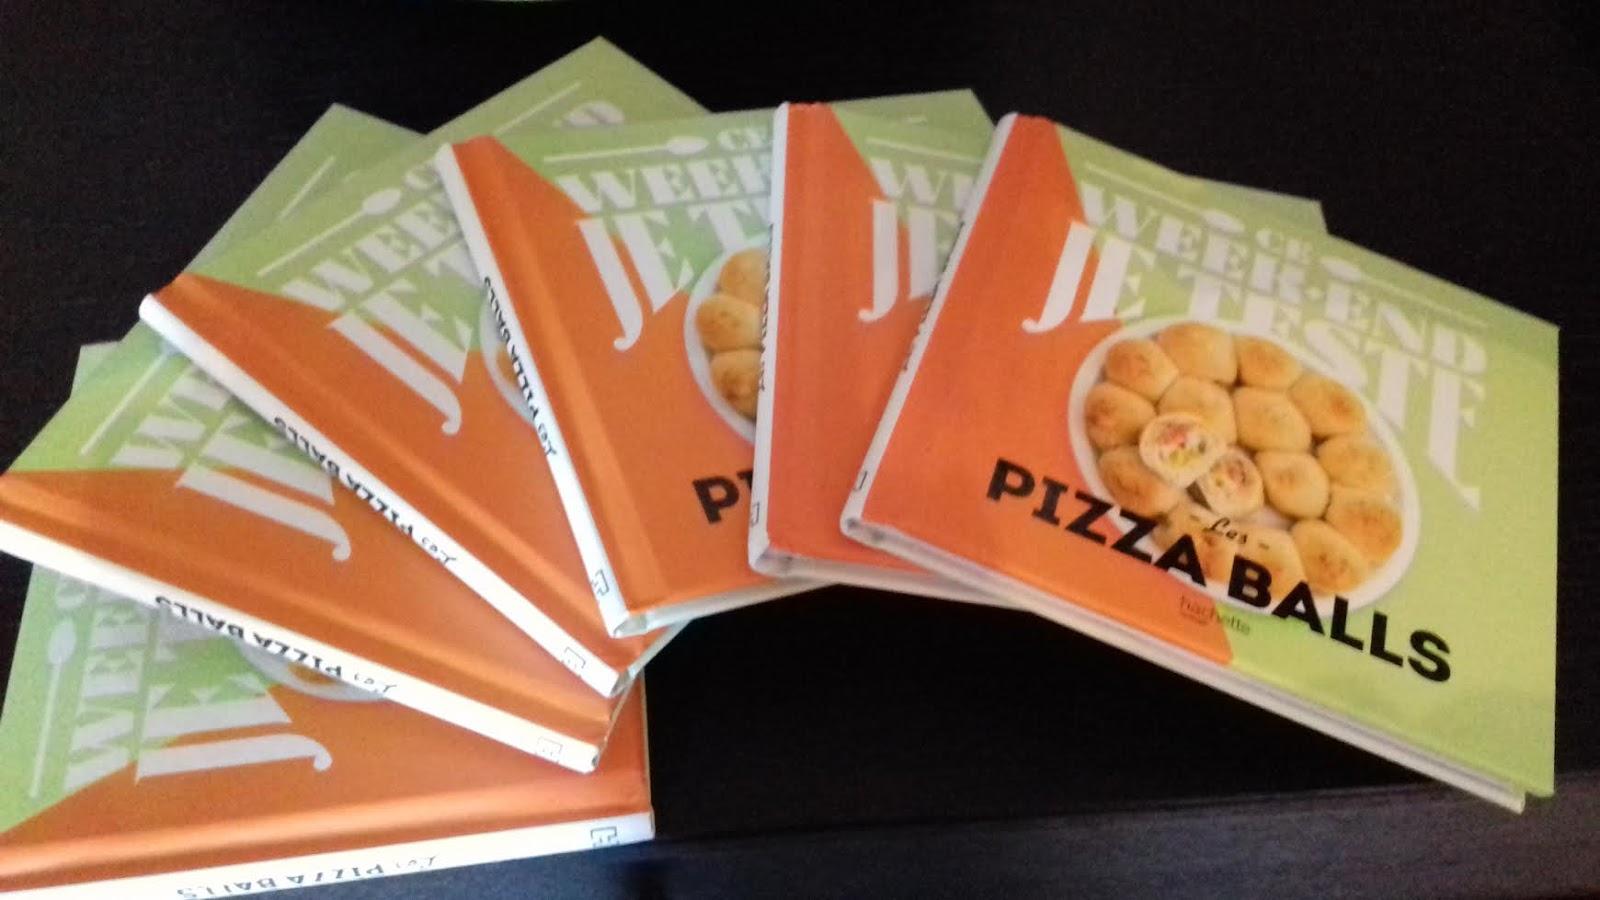 actu mon nouveau livre pizza balls blogs de cuisine. Black Bedroom Furniture Sets. Home Design Ideas